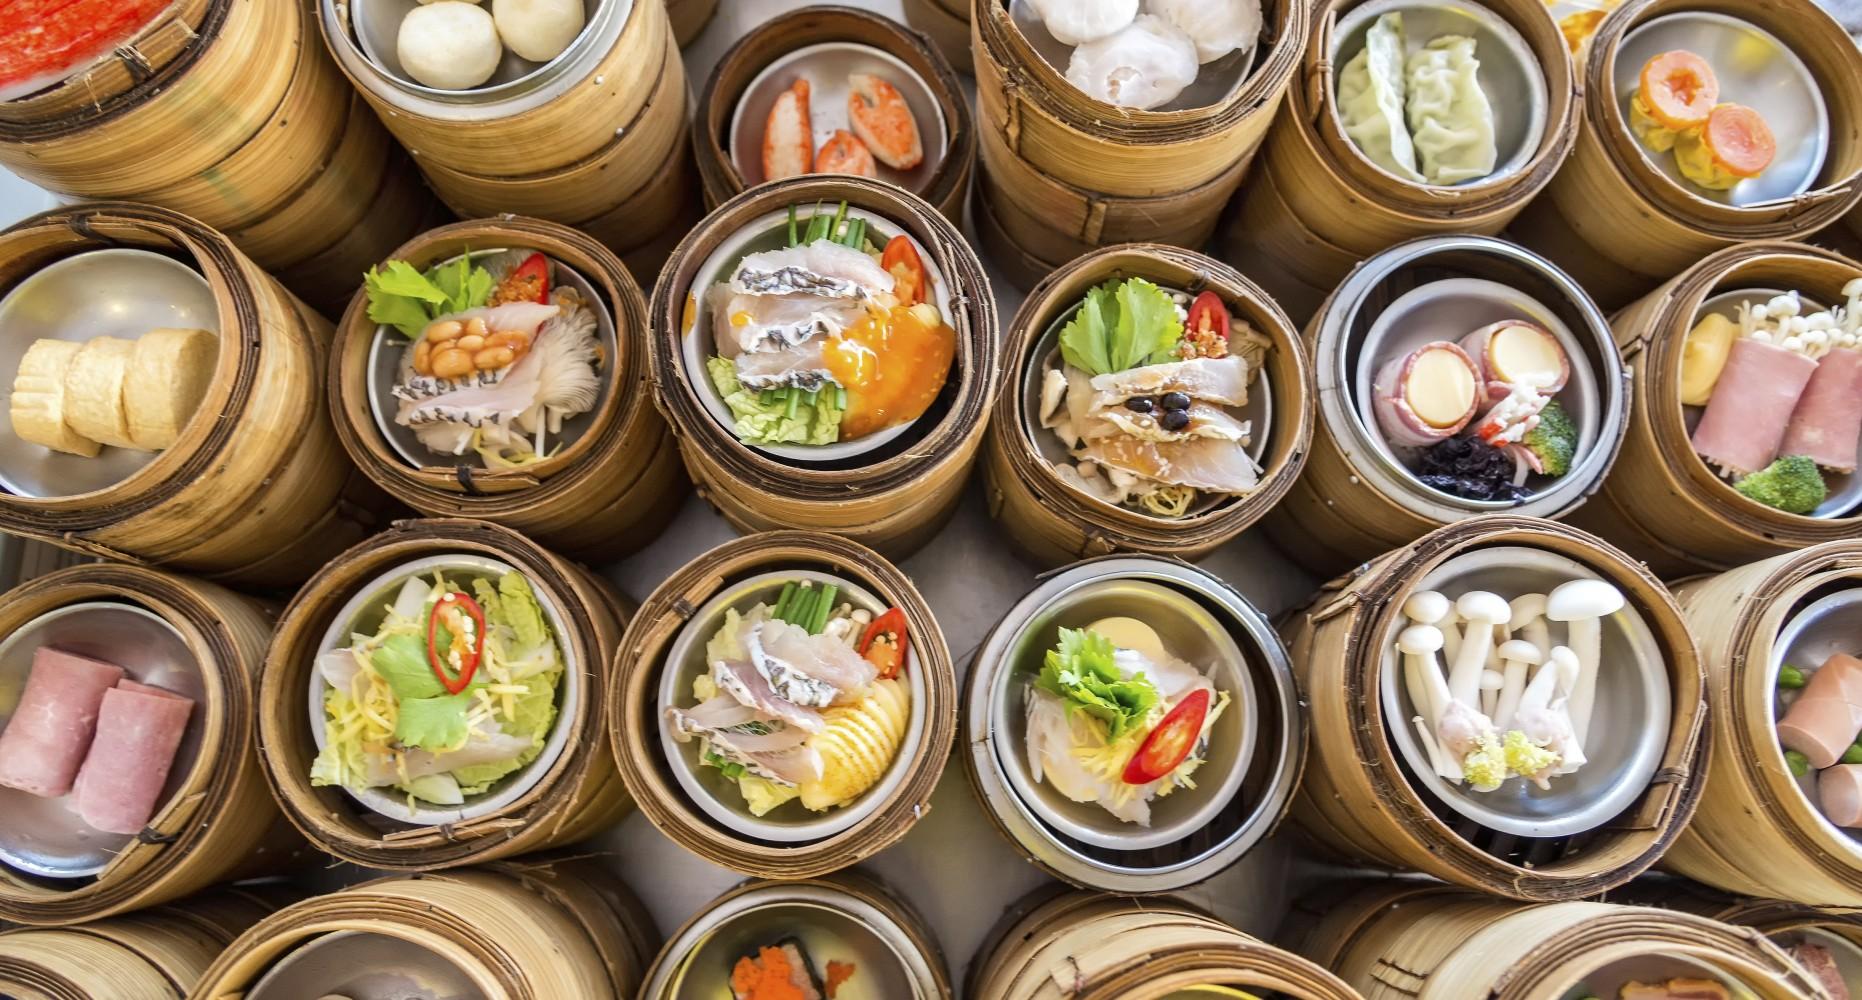 أشهر المأكولات في هونج كونج